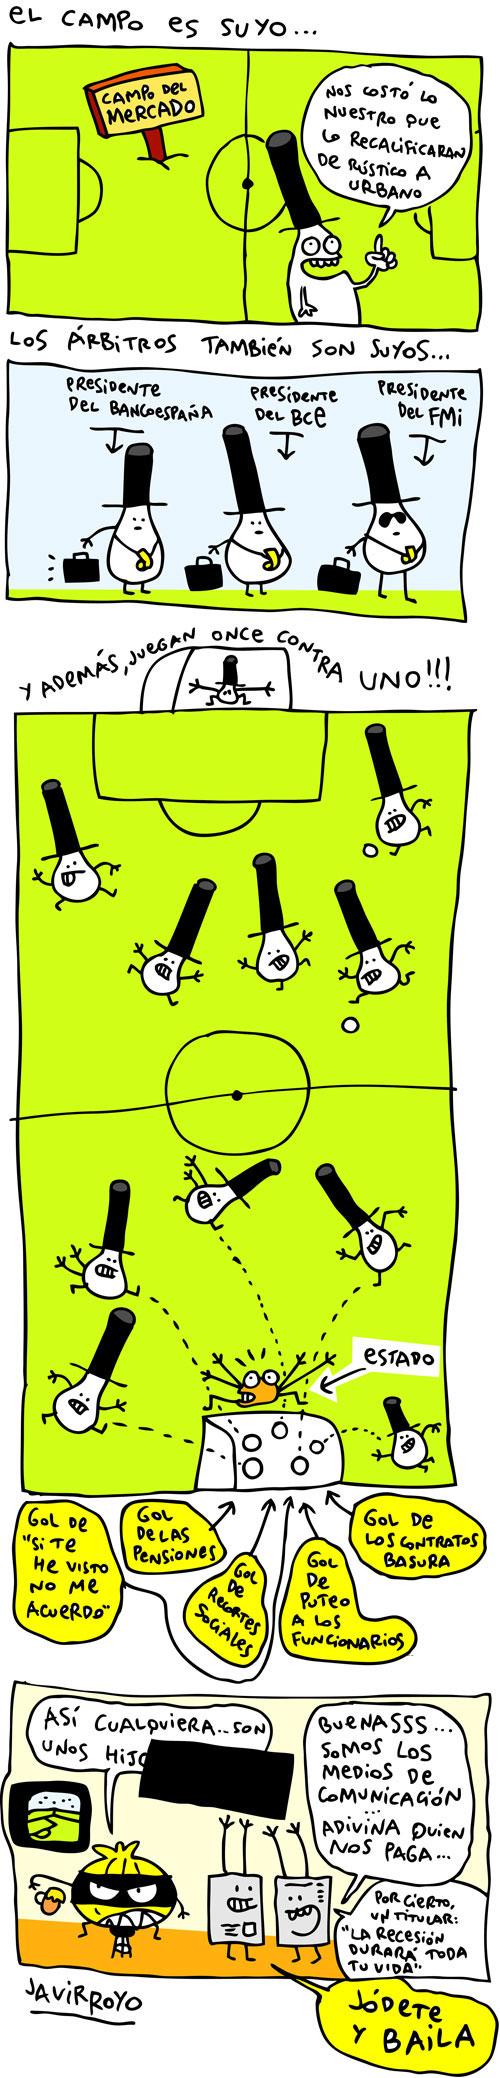 javirroyo futbol 38 1b Fuera de juego